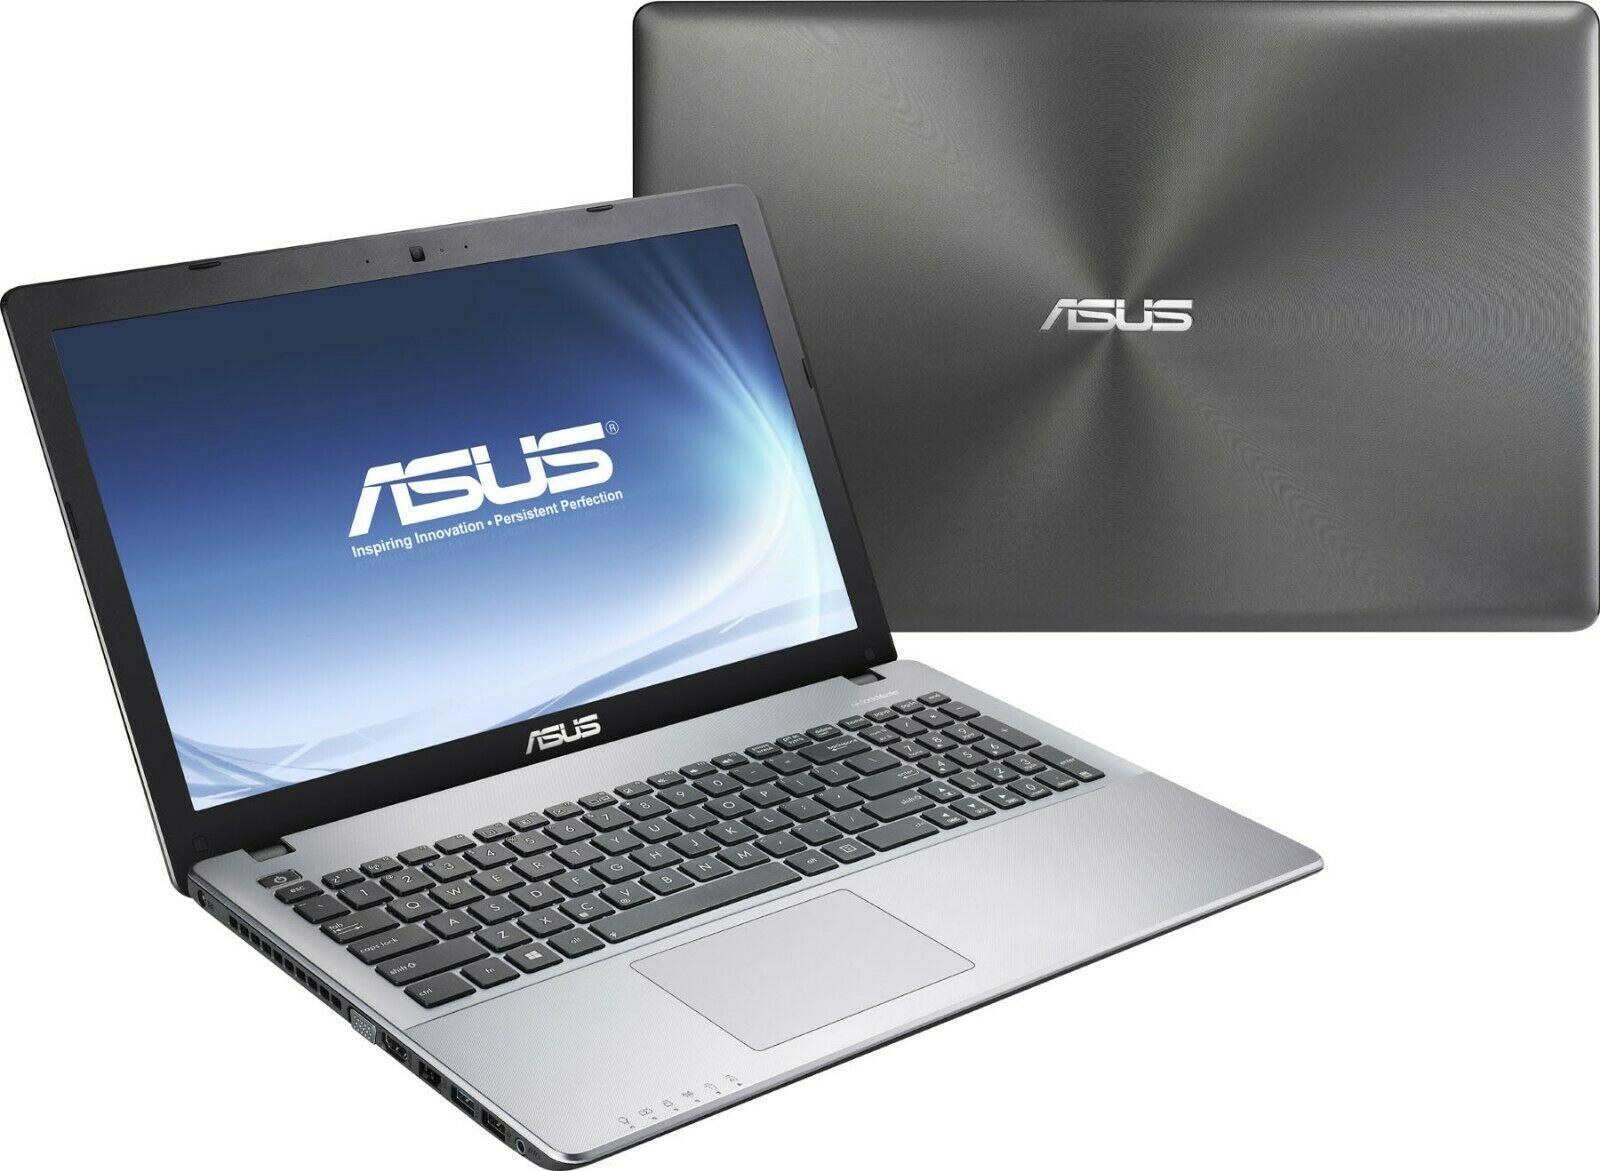 Asus-x550-core-i5-vga-roi-1